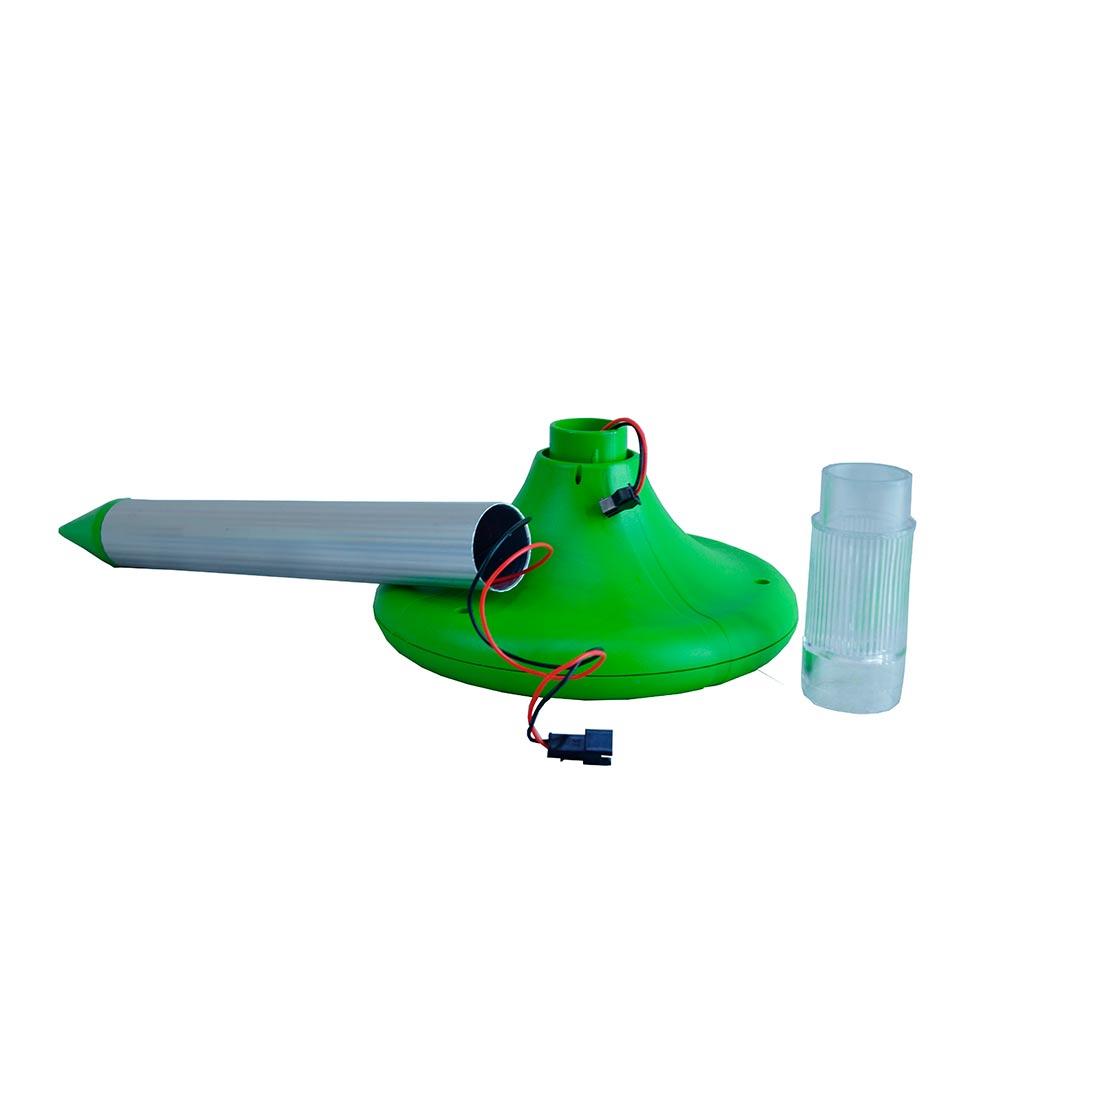 Универсальный отпугиватель СКАТ 49 на солнечной батарее